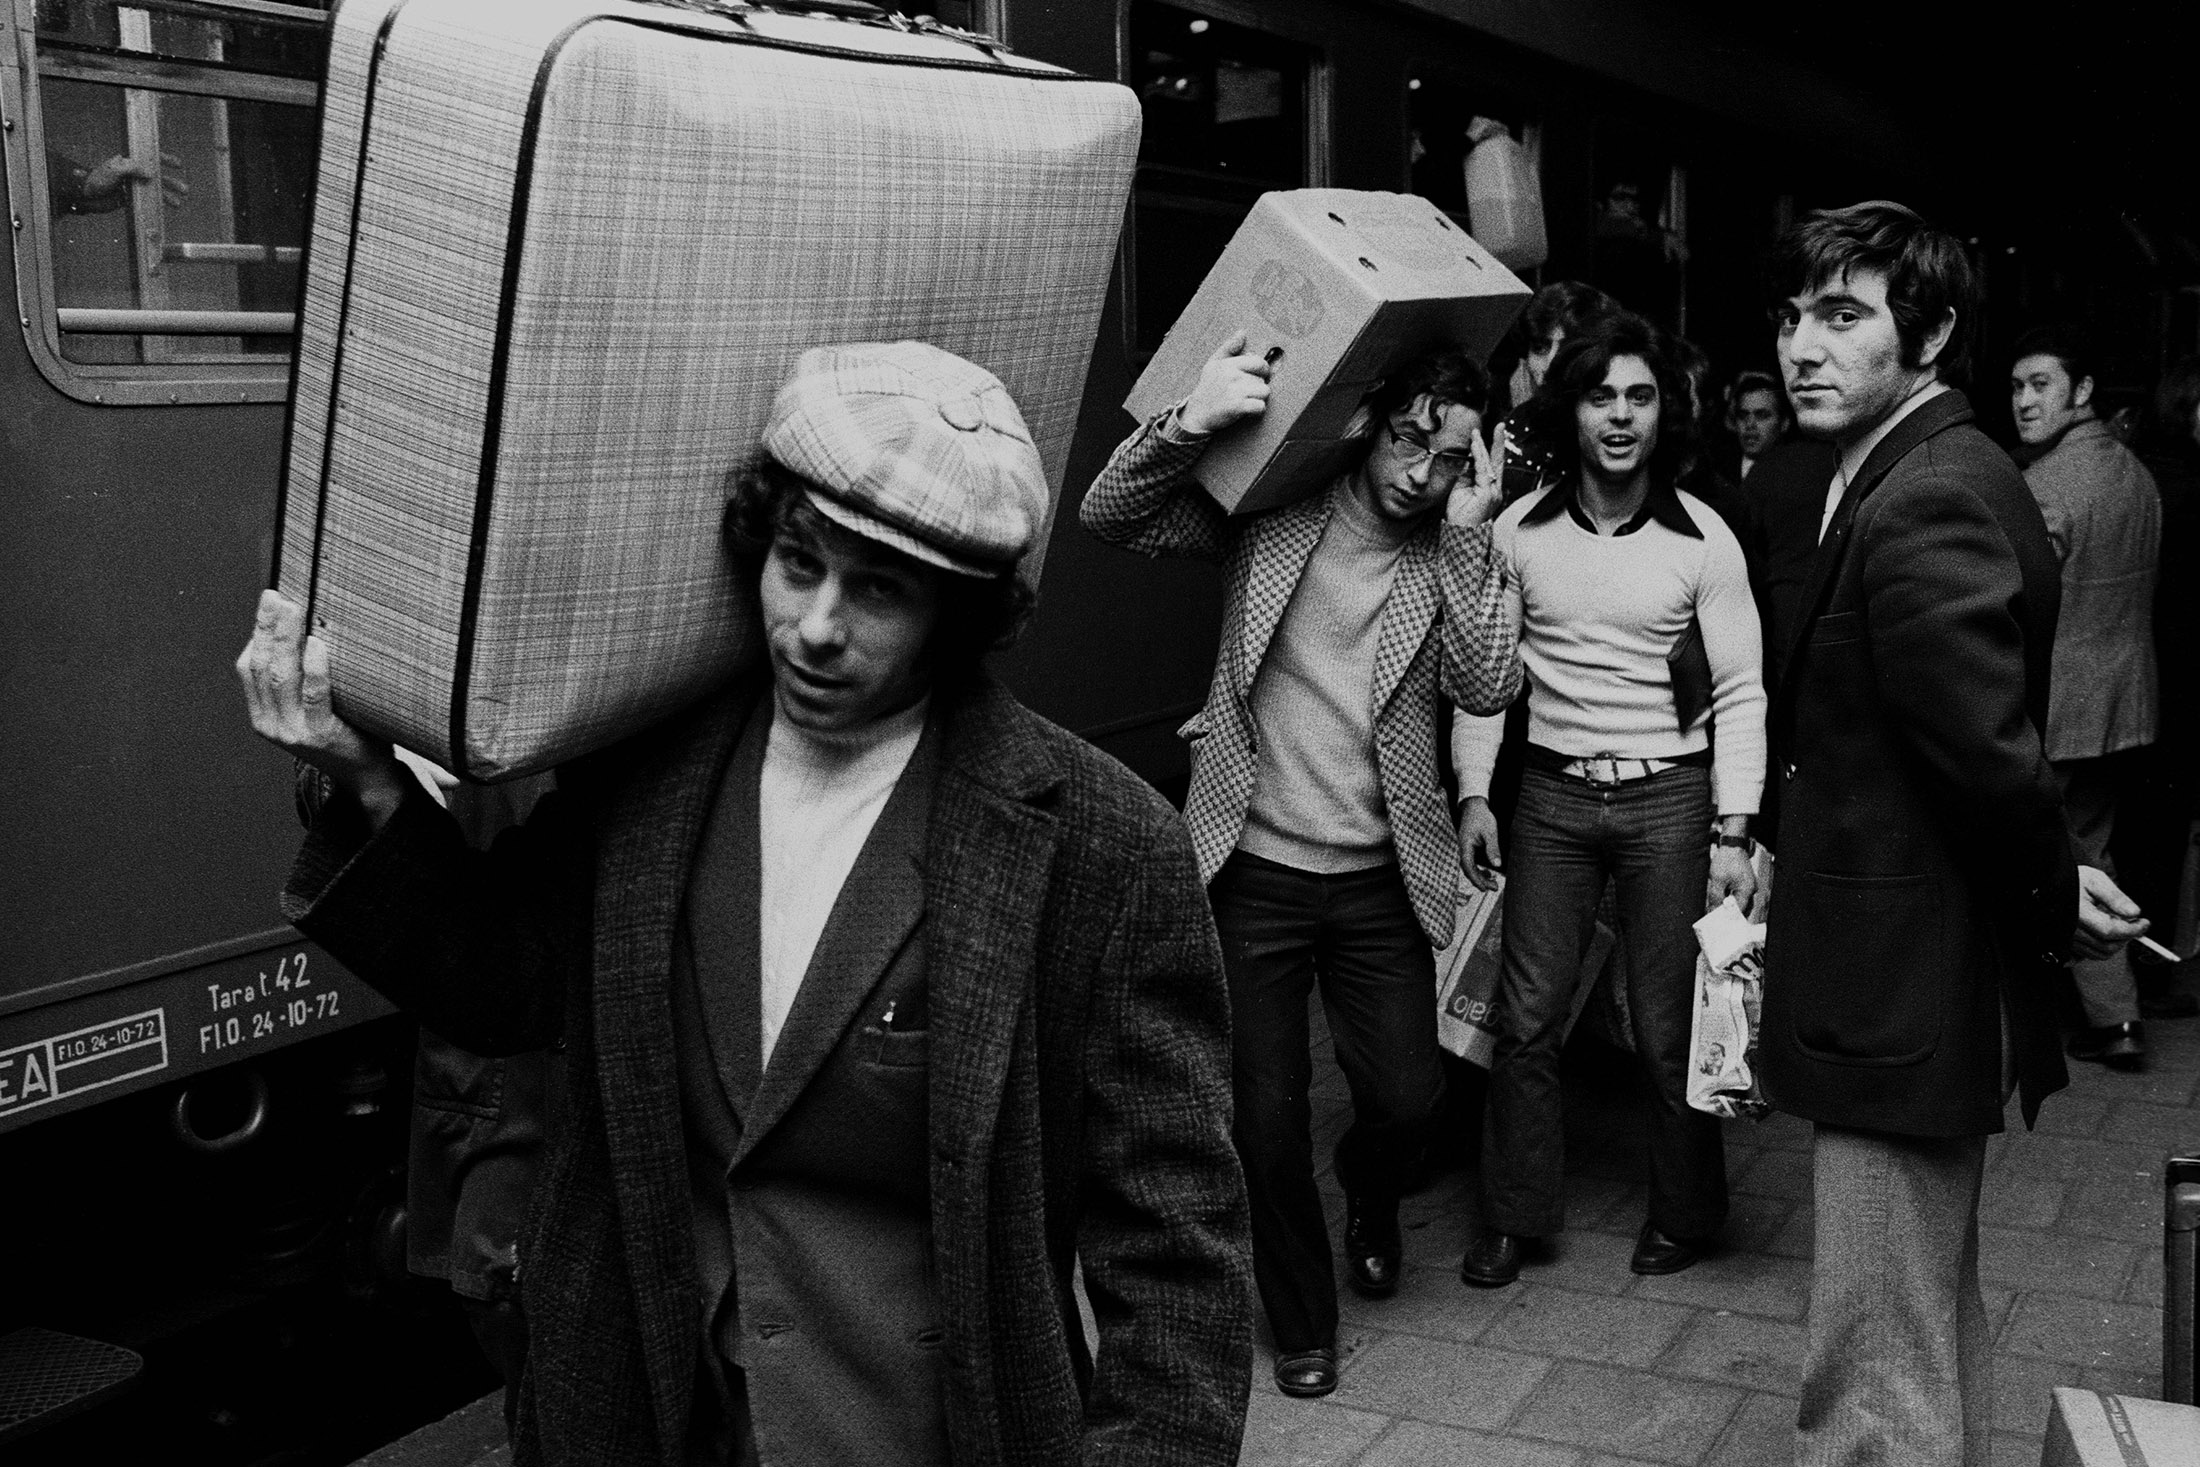 Bildnummer: 52987427  Datum: 16.12.1972  Copyright: imago/RustItalienische Gastarbeiter auf dem Weg in den Weihnachtsurlaub